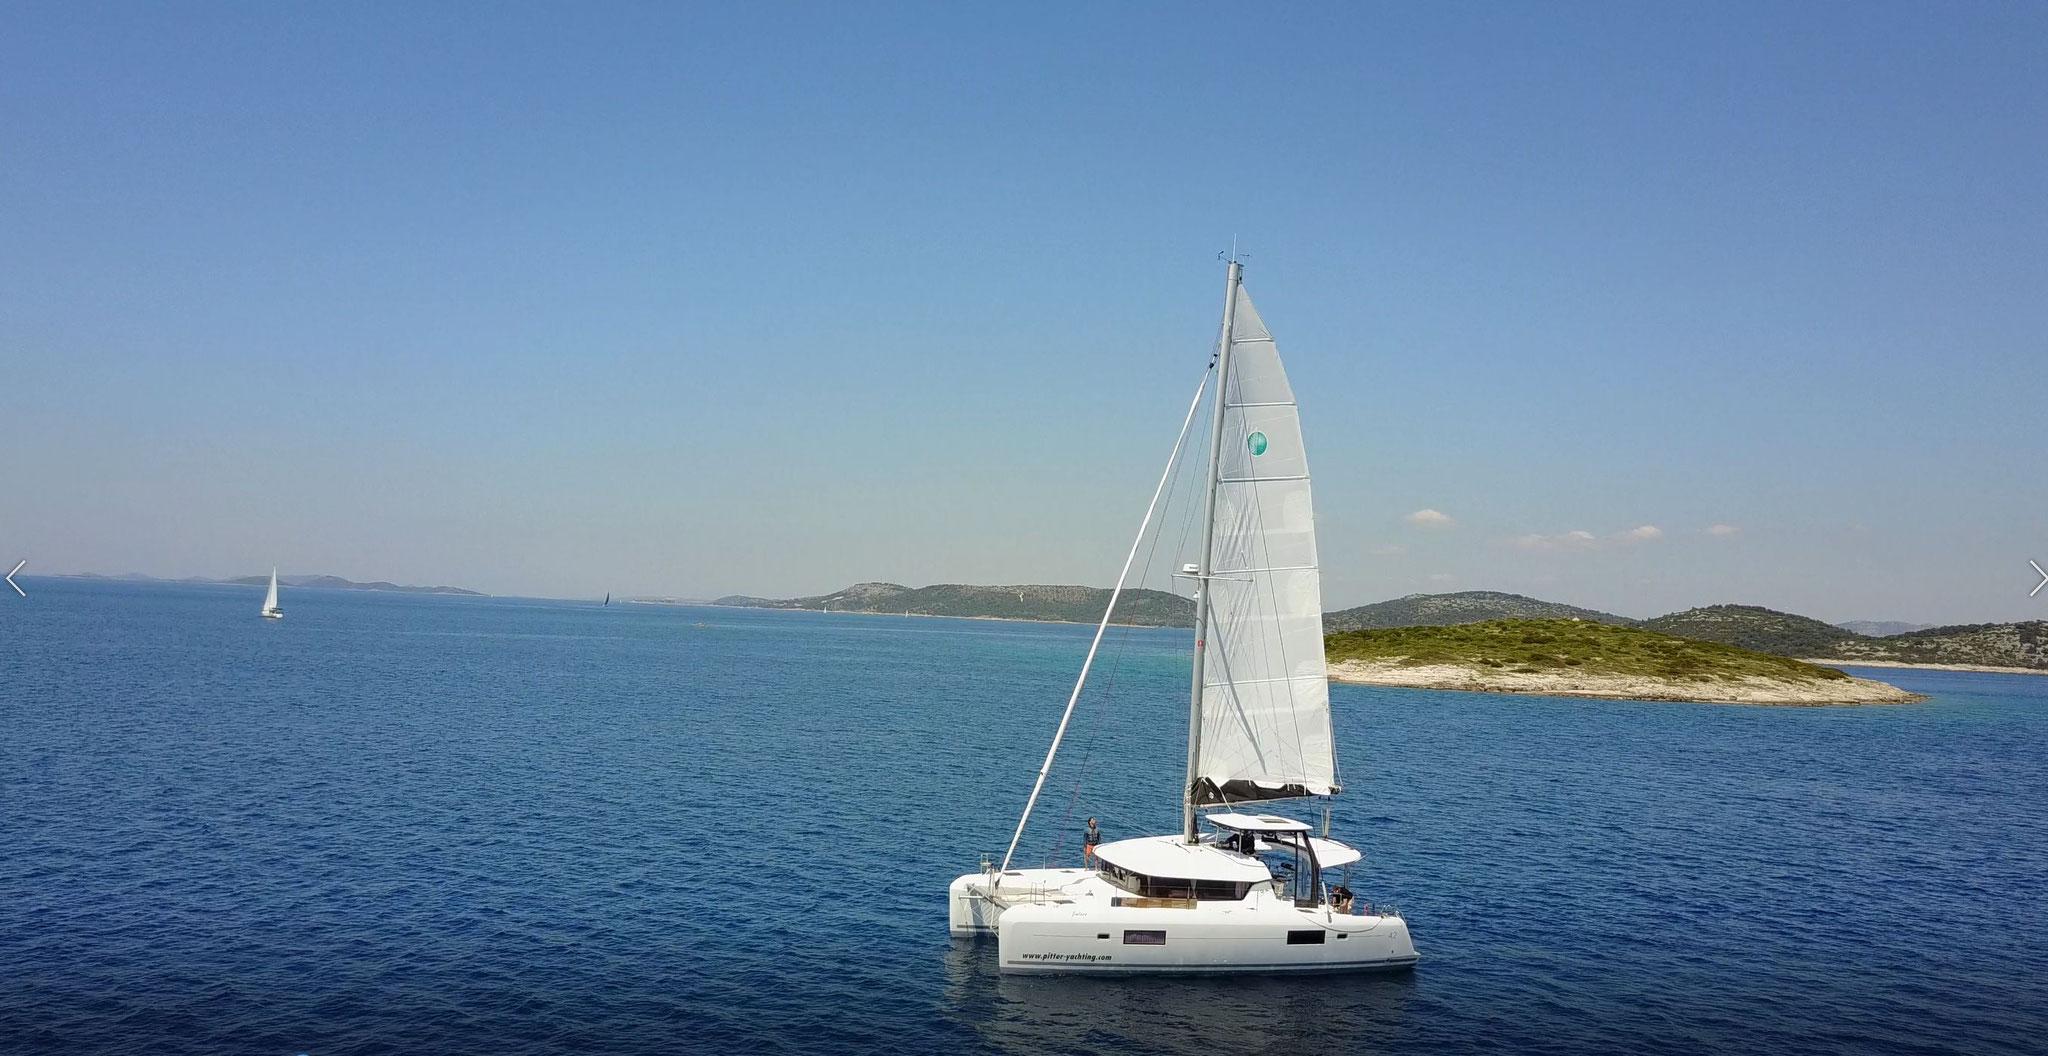 Katamaran segeln als Segelreise durch den Mittelmeer und über den Atlantik - www.katamarantraum.com